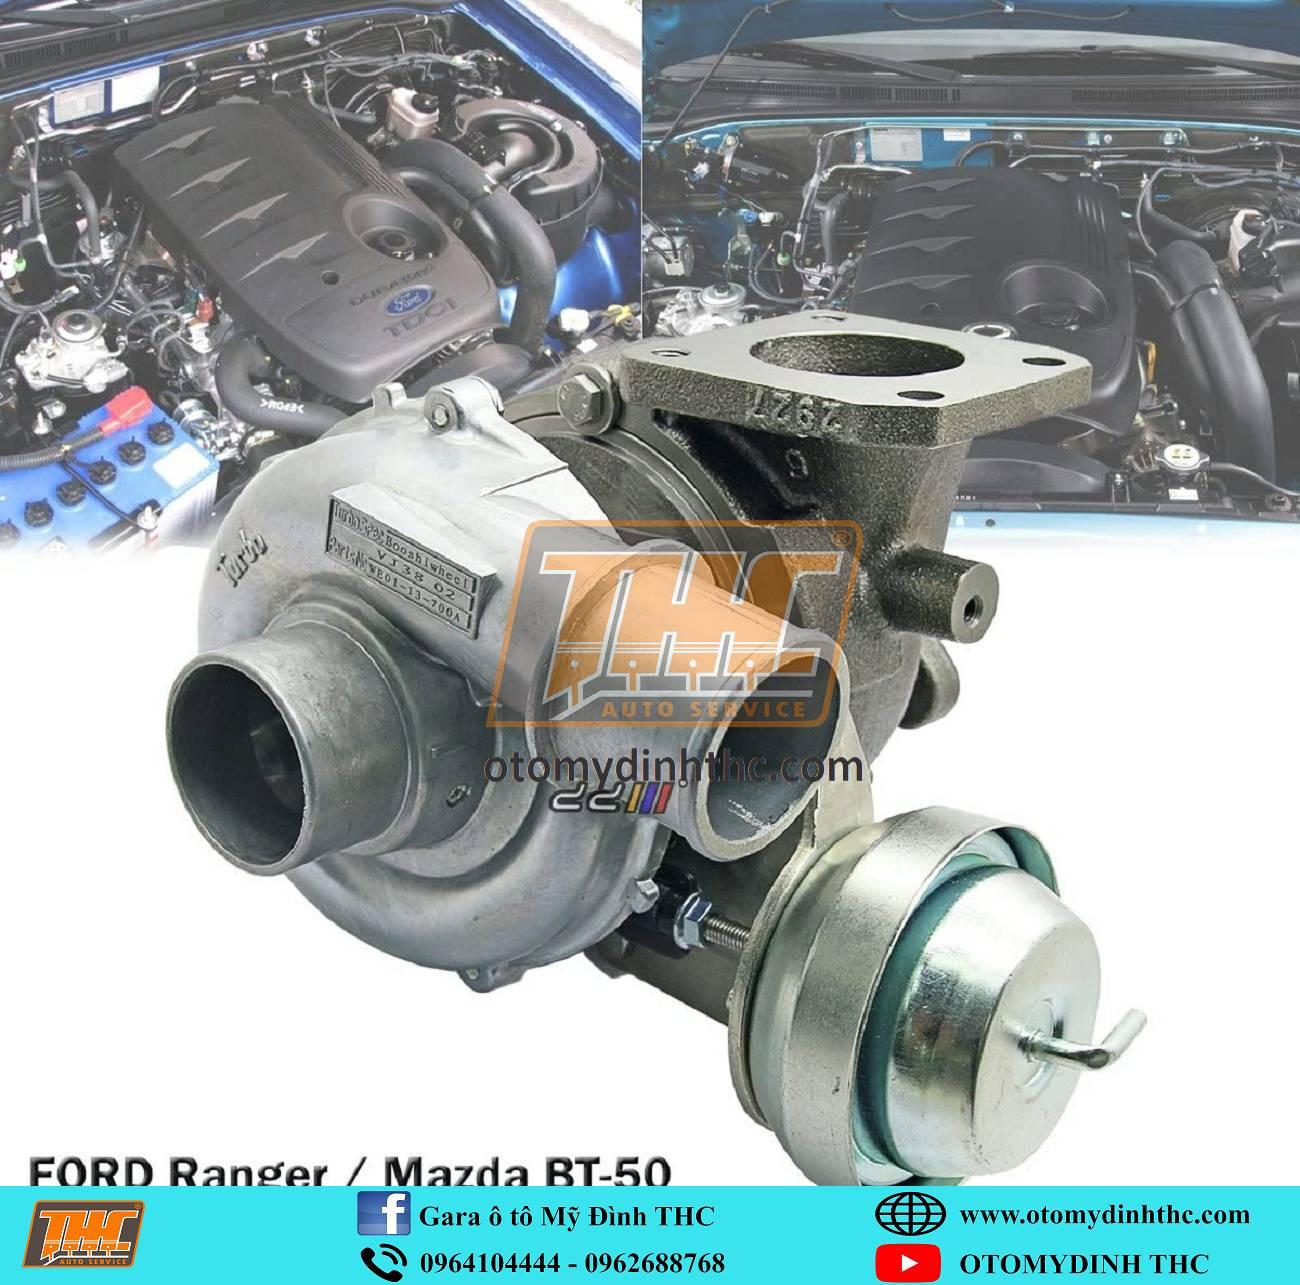 Sửa chữa Turbo cho động cơ máy dầu cho các dòng xe bán tải, suv - 7 chỗ tại Trung Tâm Kỹ Thuật Ô Tô Mỹ Đình THC